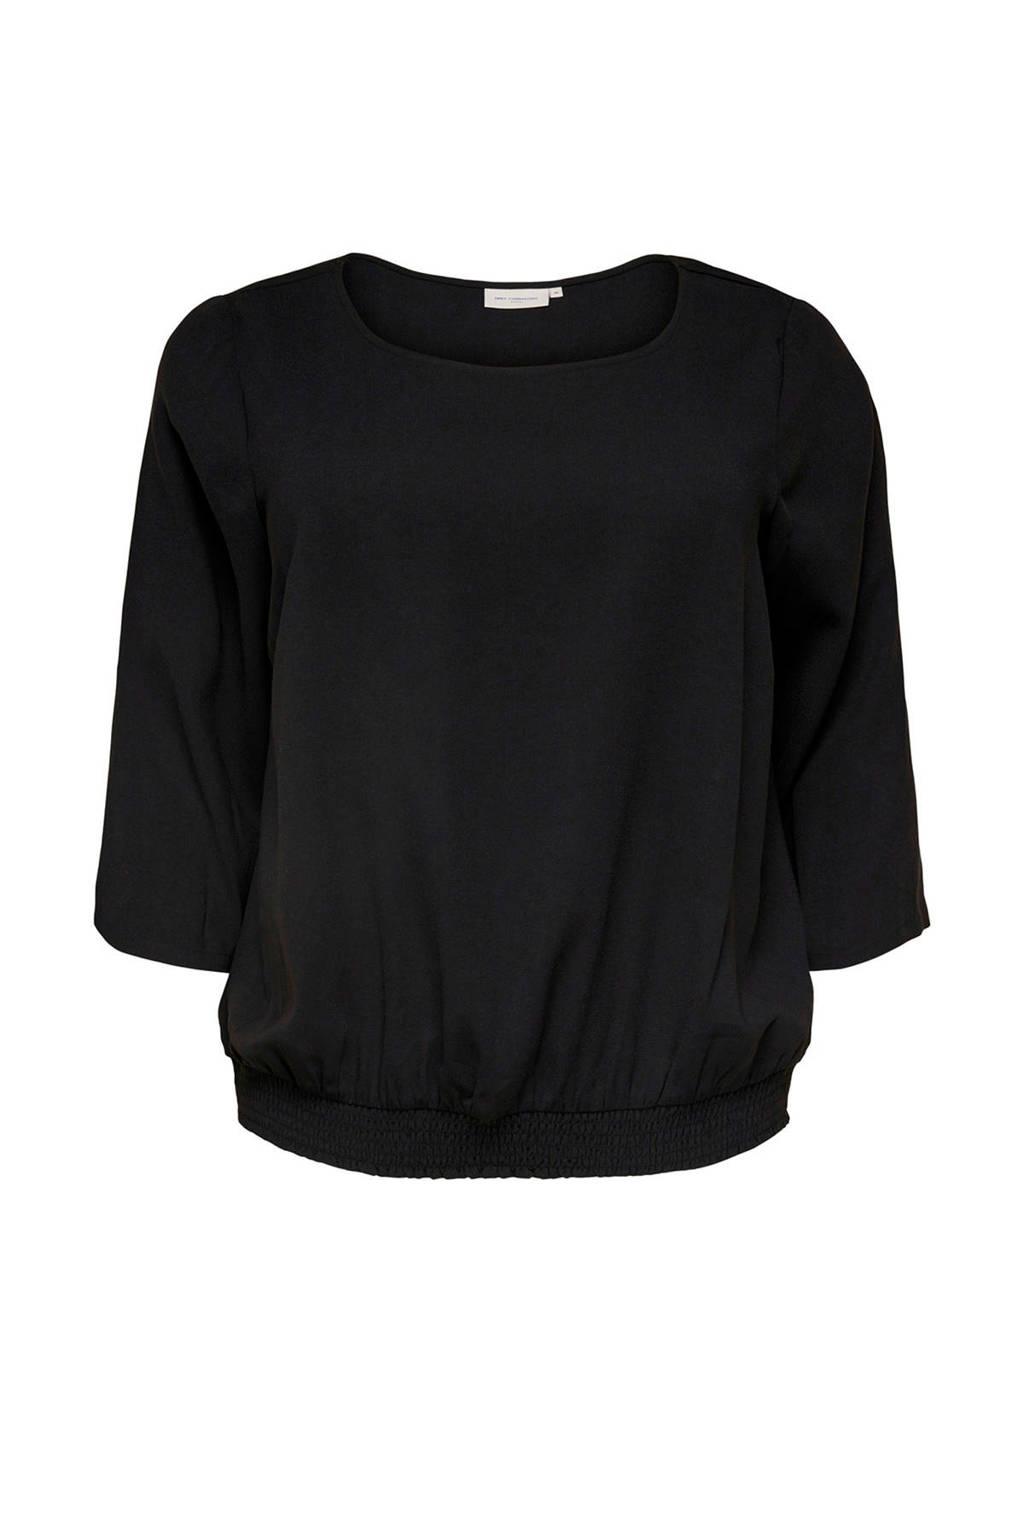 ONLY carmakoma top met driekwart mouw zwart, Zwart